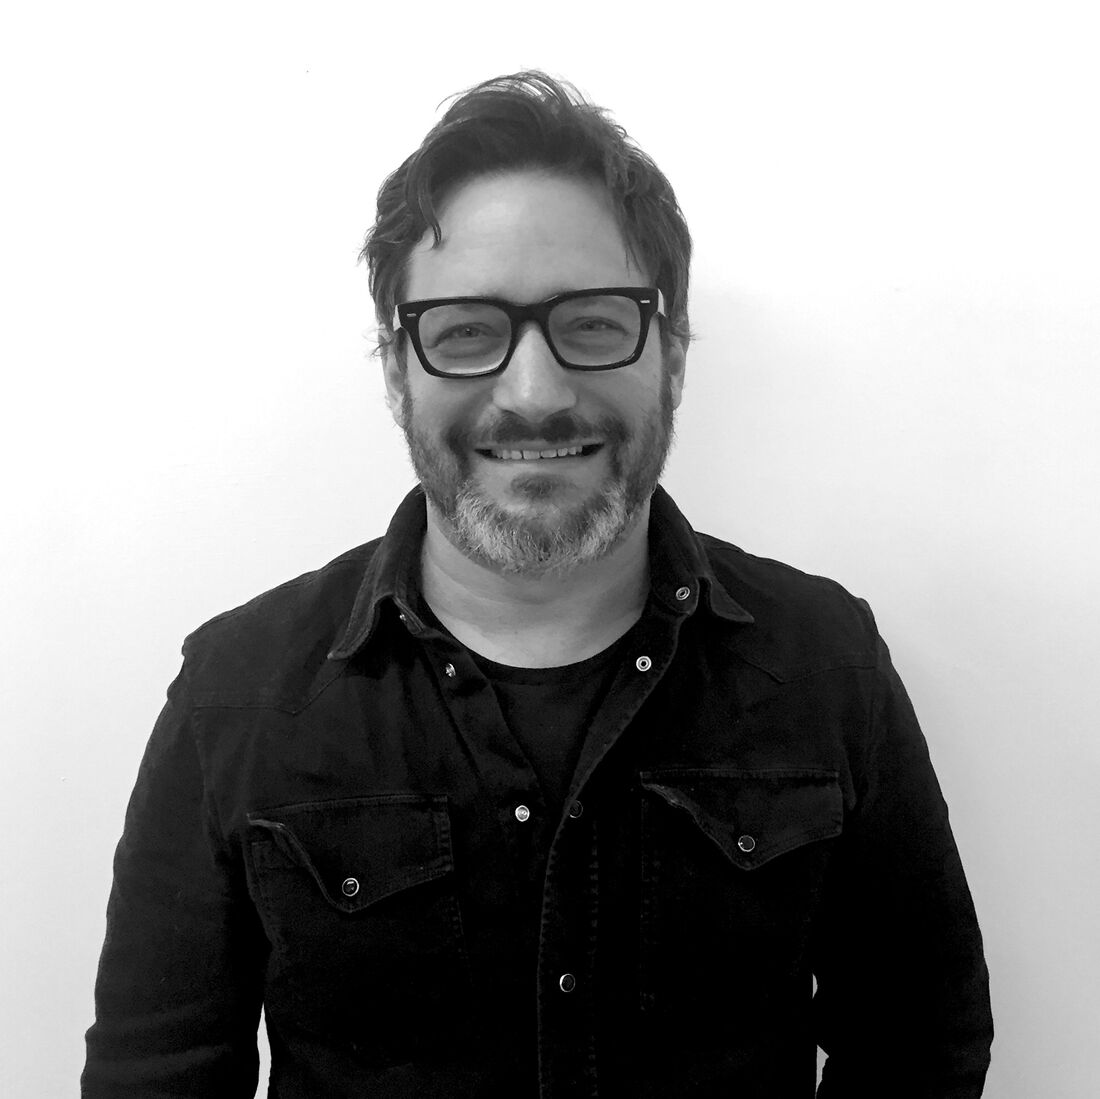 Portrait of Andrew Schachman